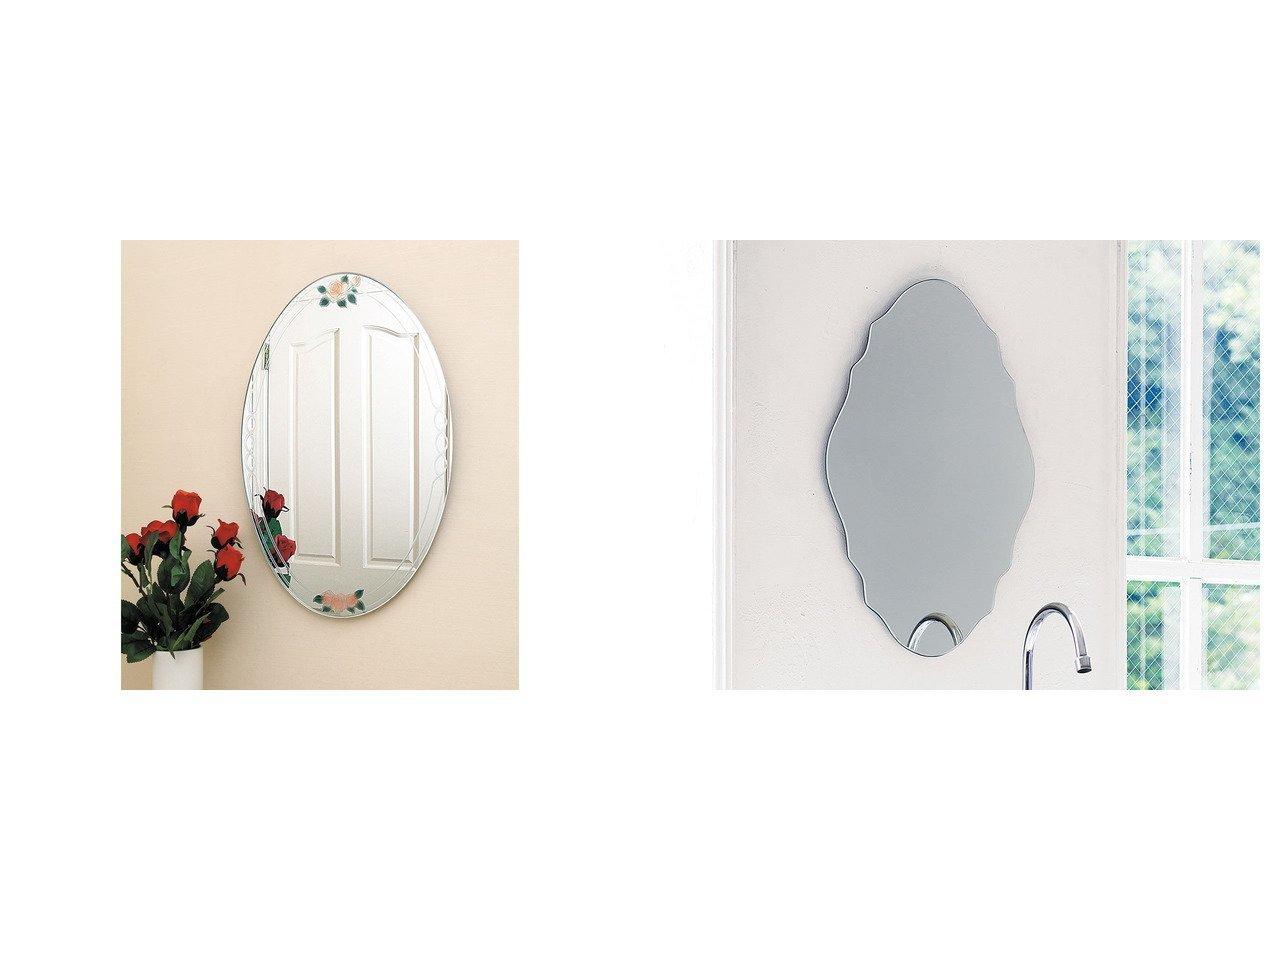 【FLYMEe Blanc/フライミー ブラン】のウォールミラー m77337&ウォールミラー m77284 【ミラー・鏡 お家時間 FURNITURE】おすすめ!人気、インテリア雑貨・家具の通販 おすすめで人気の流行・トレンド、ファッションの通販商品 インテリア・家具・メンズファッション・キッズファッション・レディースファッション・服の通販 founy(ファニー) https://founy.com/ 送料無料 Free Shipping エレガント オーバル フォルム フレーム ホーム・キャンプ・アウトドア Home,Garden,Outdoor,Camping Gear 家具・インテリア Furniture ミラー・ドレッサー Mirror ミラー・鏡 ホーム・キャンプ・アウトドア Home,Garden,Outdoor,Camping Gear 家具・インテリア Furniture ミラー・ドレッサー Mirror ドレッサー  ID:crp329100000054461